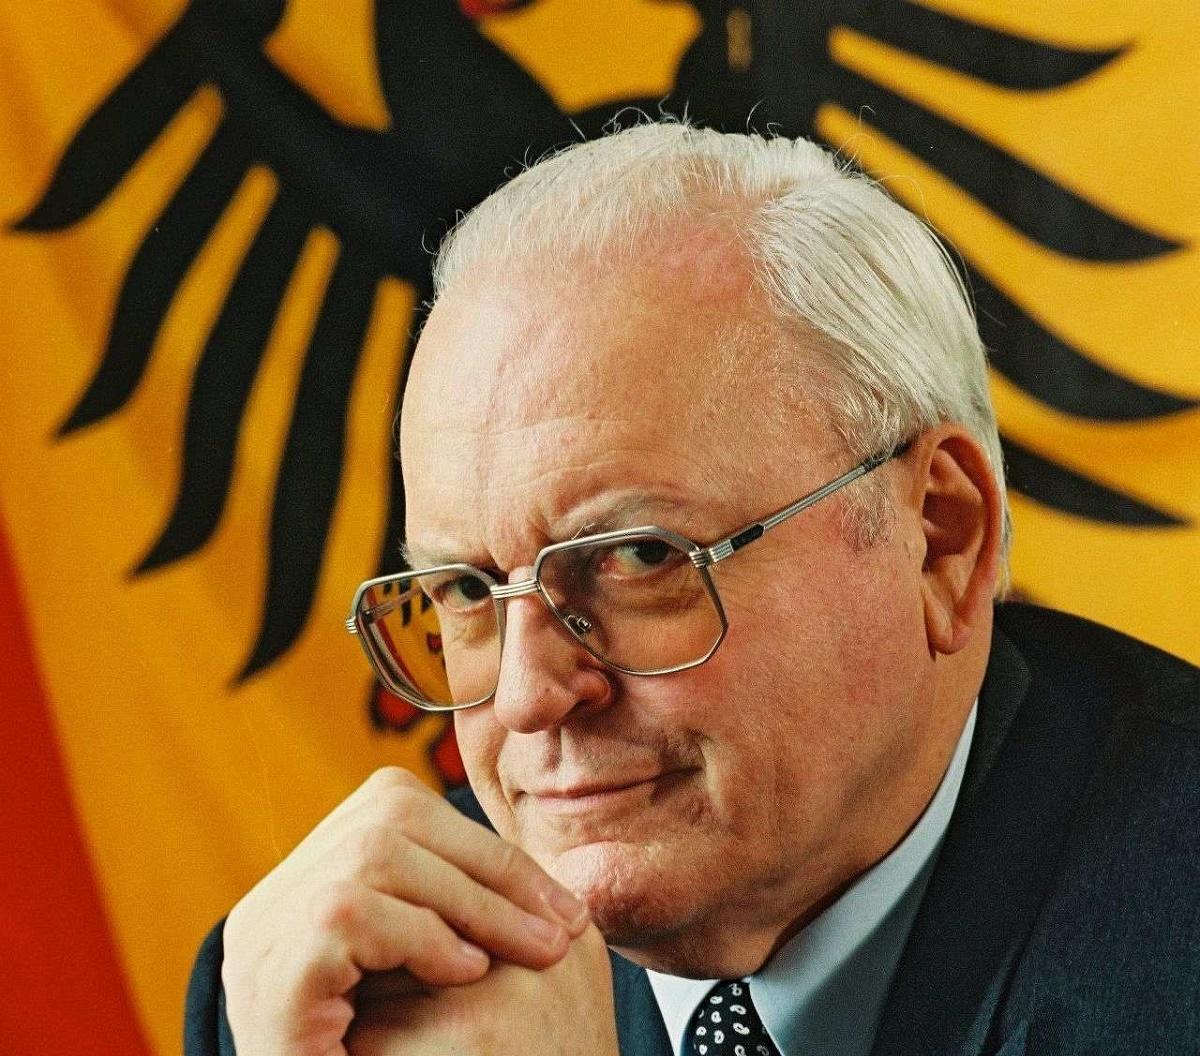 A murit Roman Herzog, primul președinte al Germaniei. Decesul a fost anunțat marți dimineață de către biroul președinției germane.